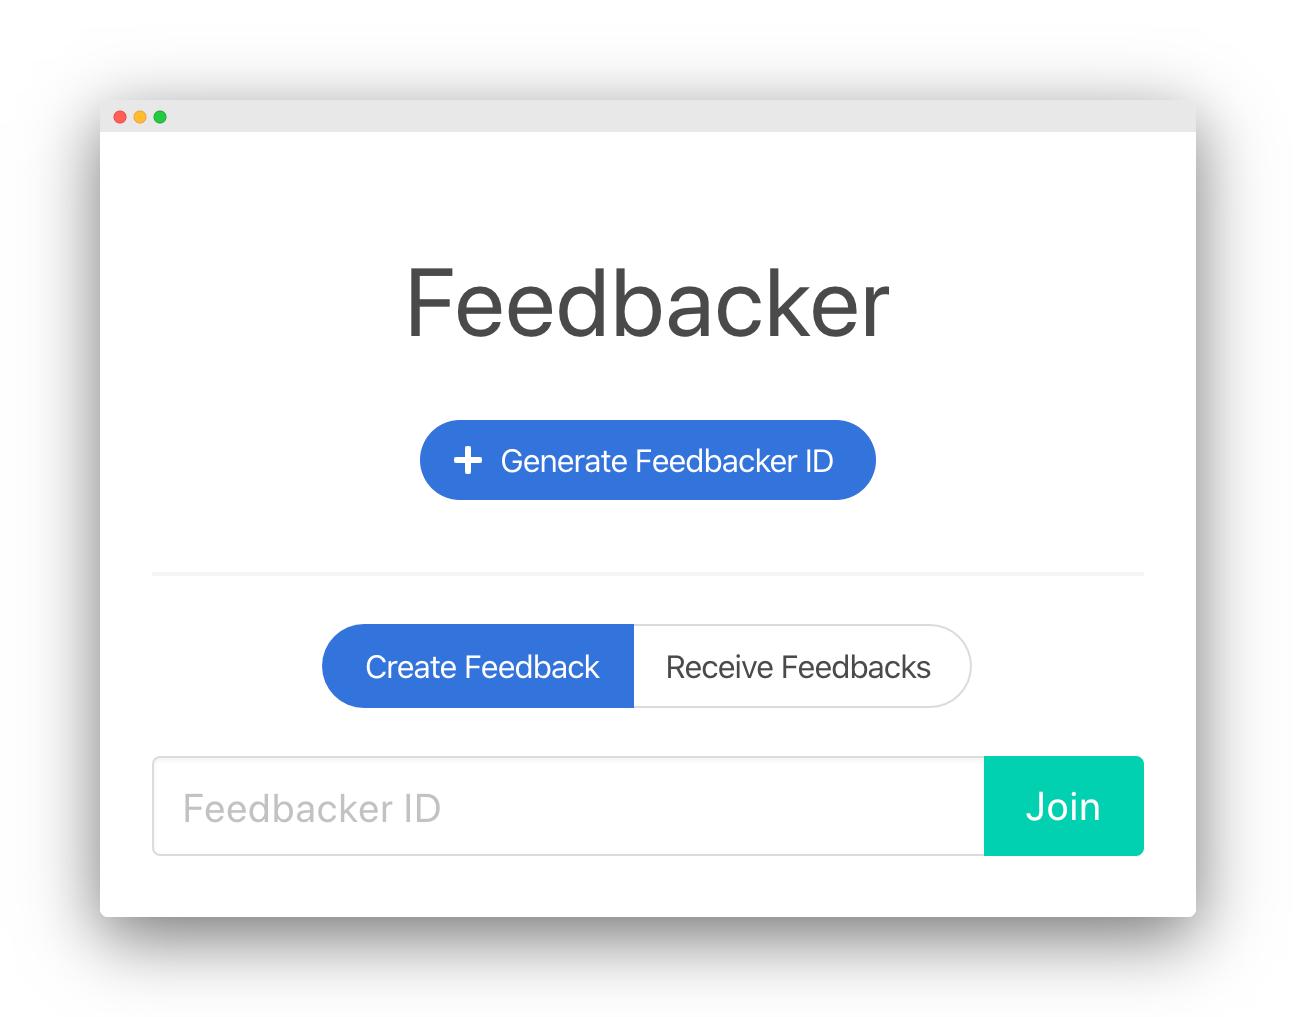 Feedbacker Screenshot